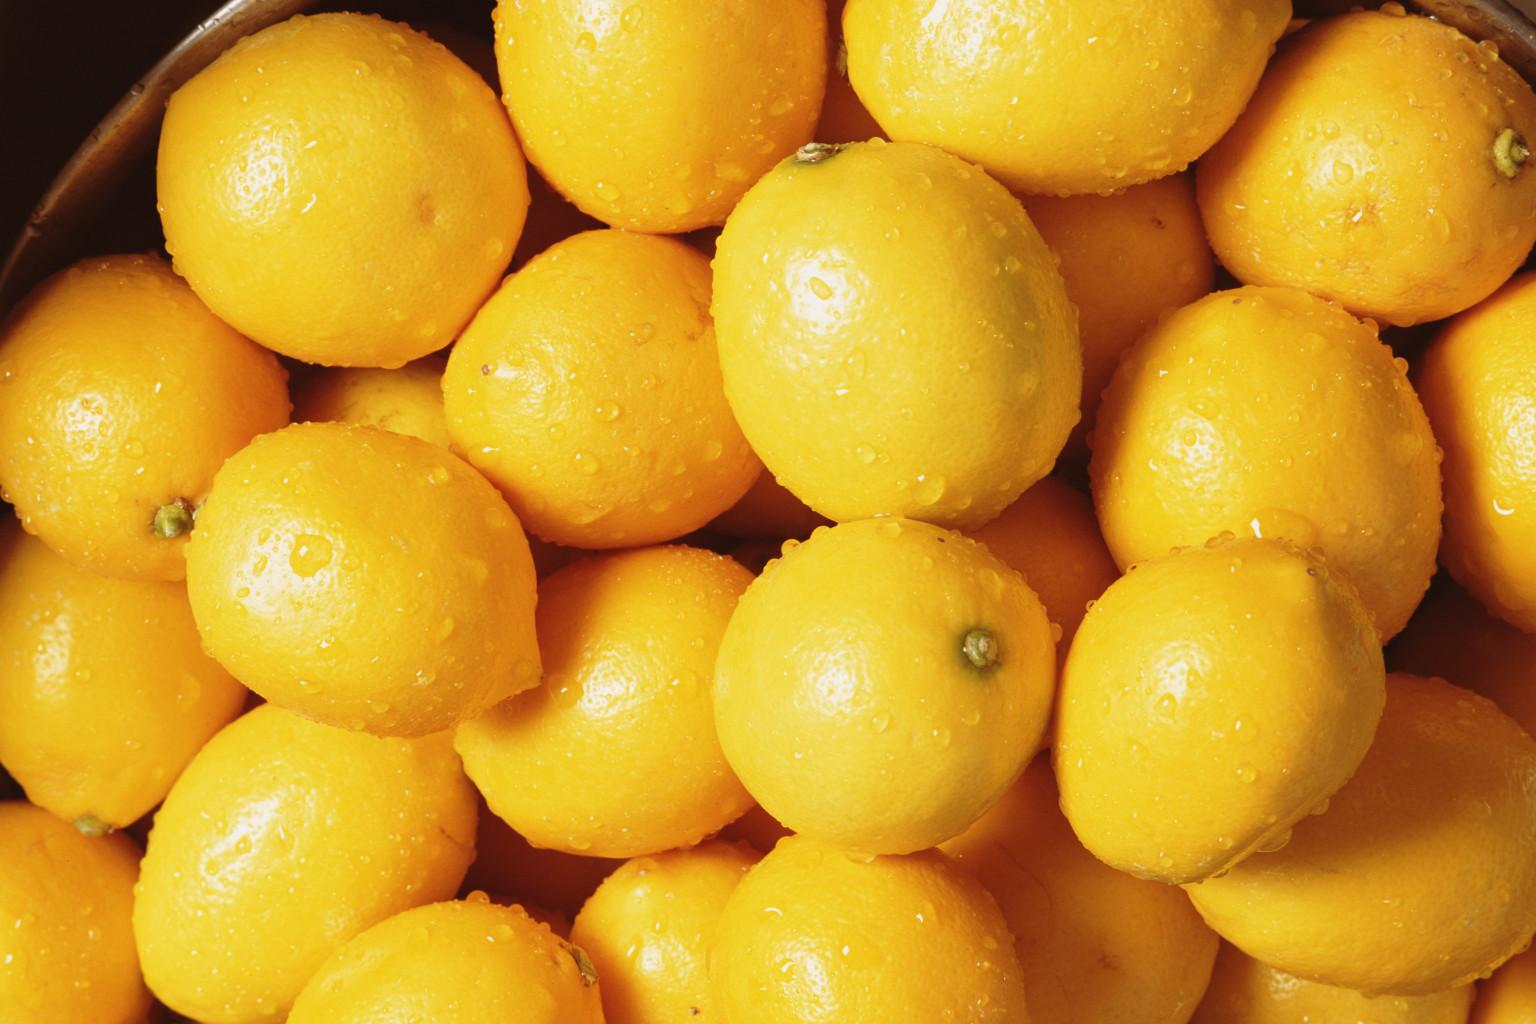 Lemon fruit pictures